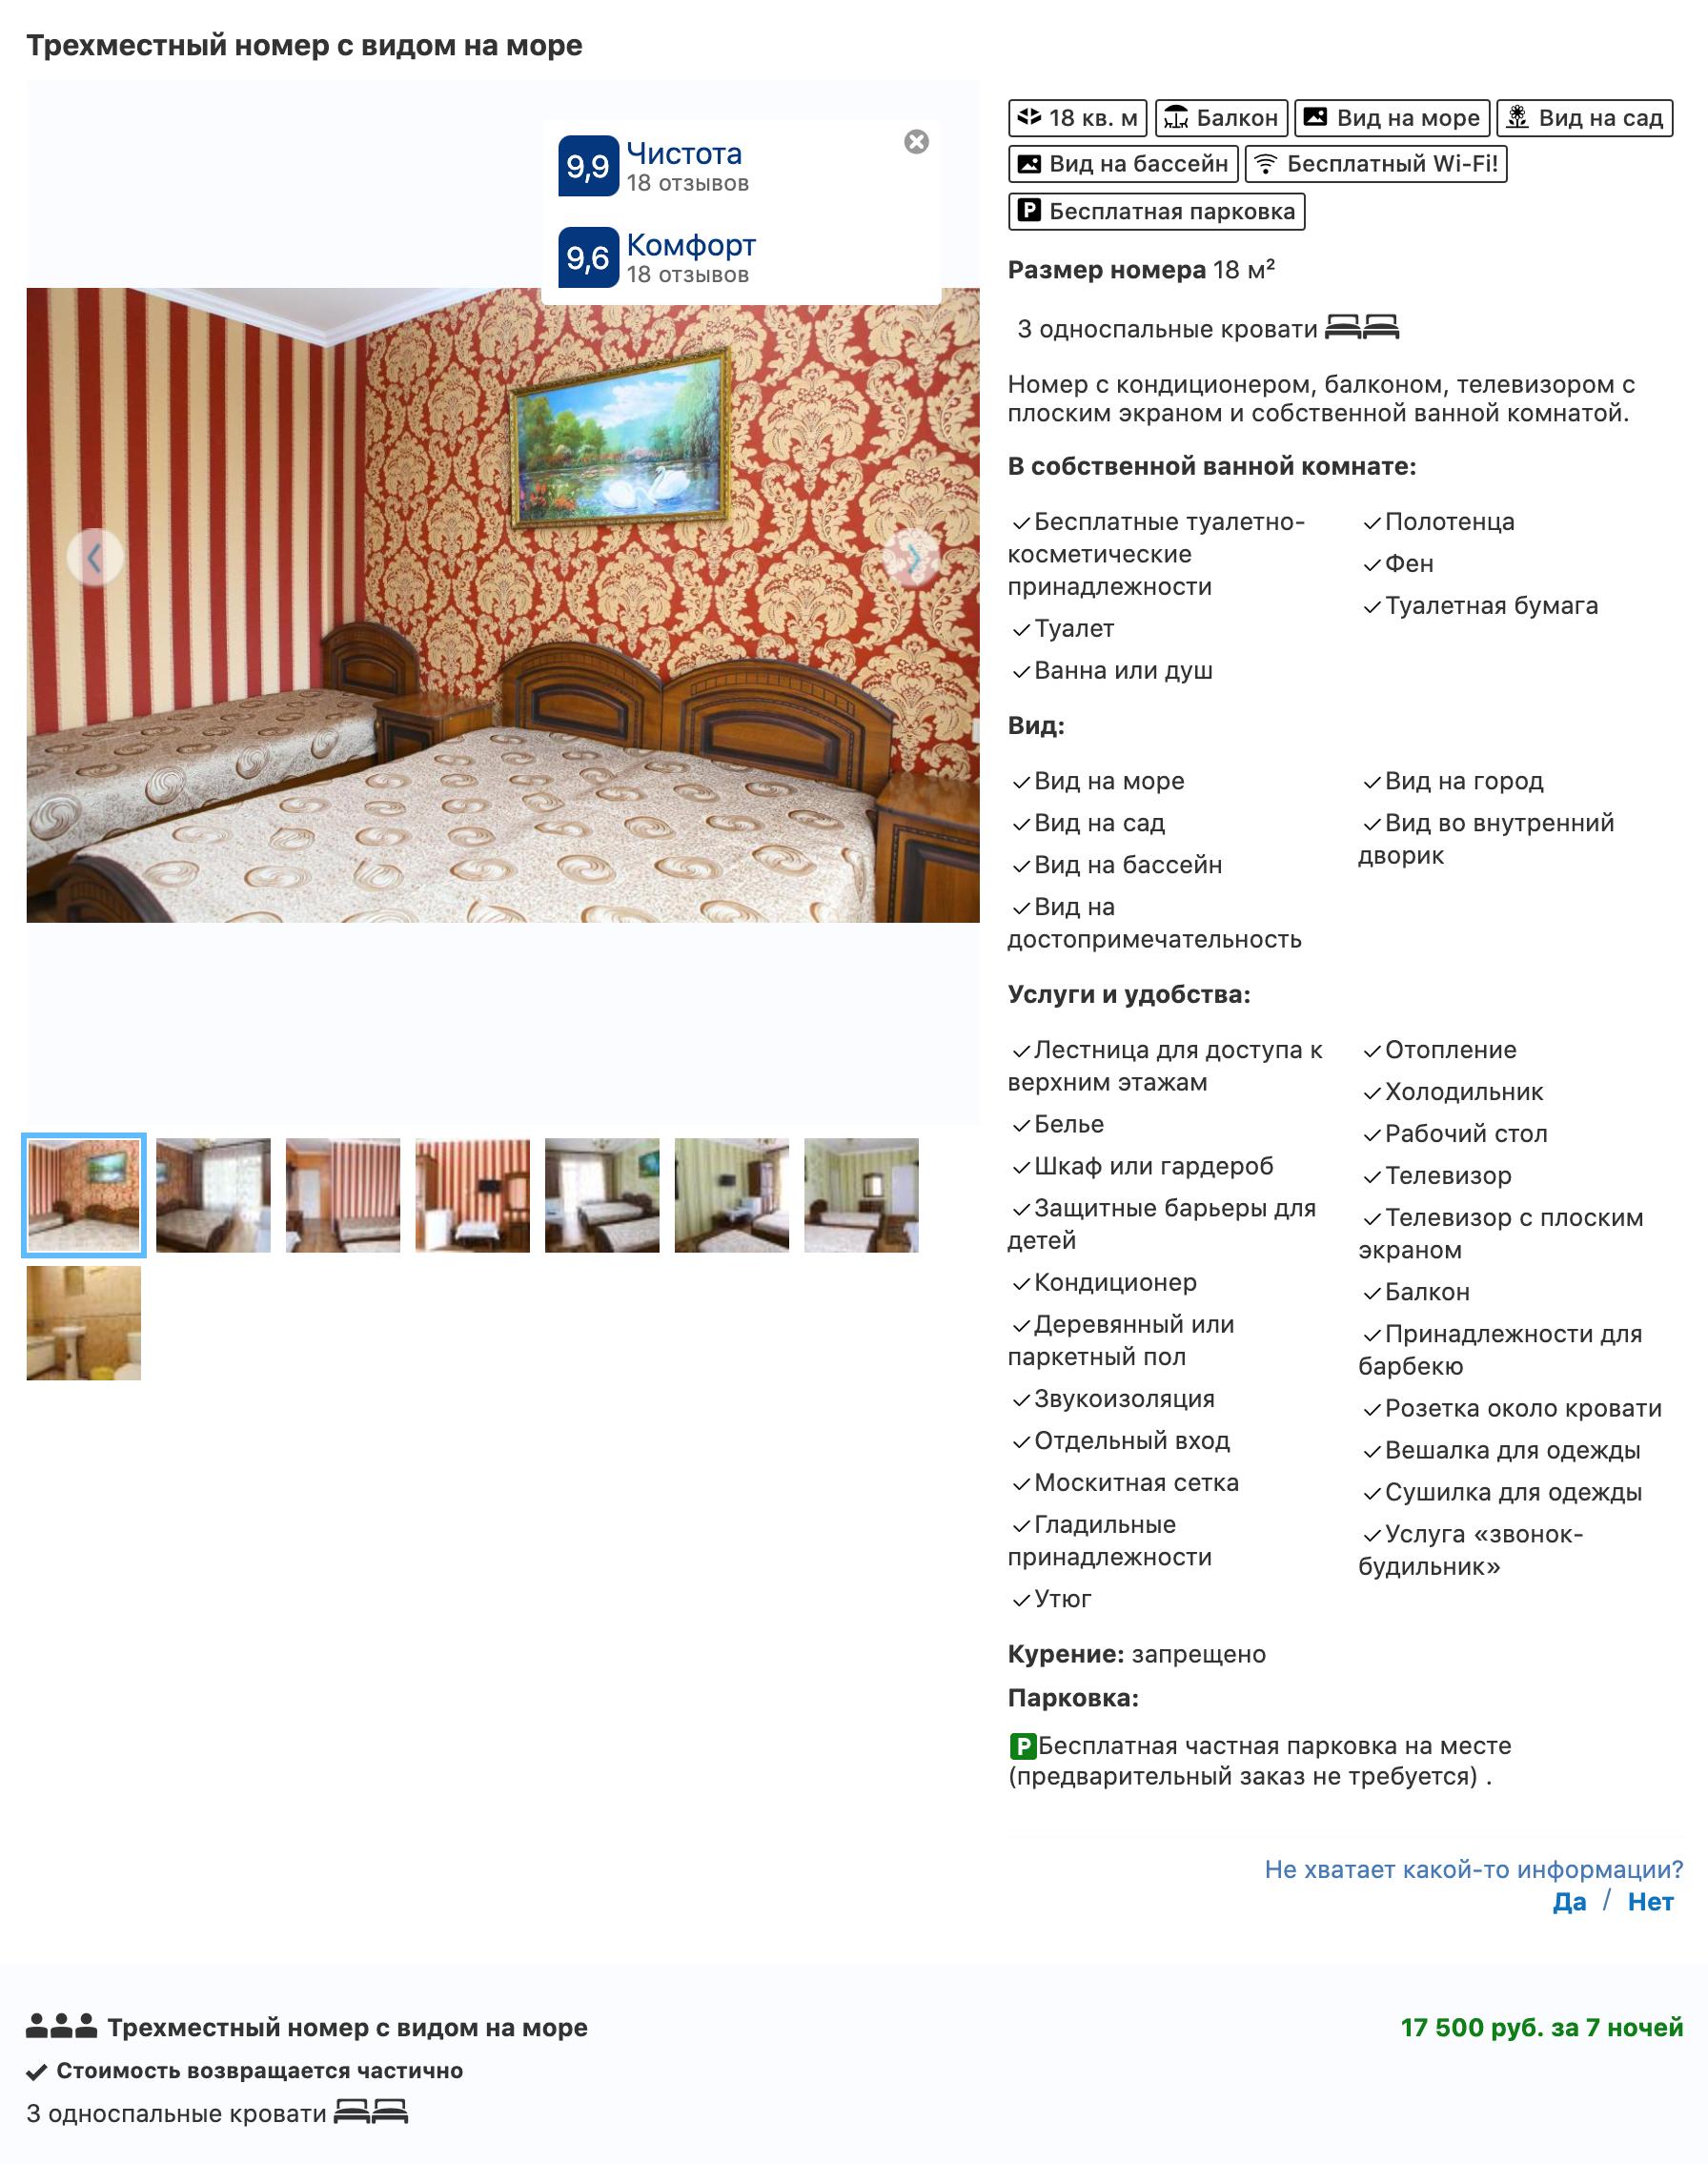 Семь ночей для троих в мини-отеле MoreLeto в Адлере в июле обойдется в 17 500<span class=ruble>Р</span>. В описании сказано, что гостиница находится в 15 минутах ходьбы от моря